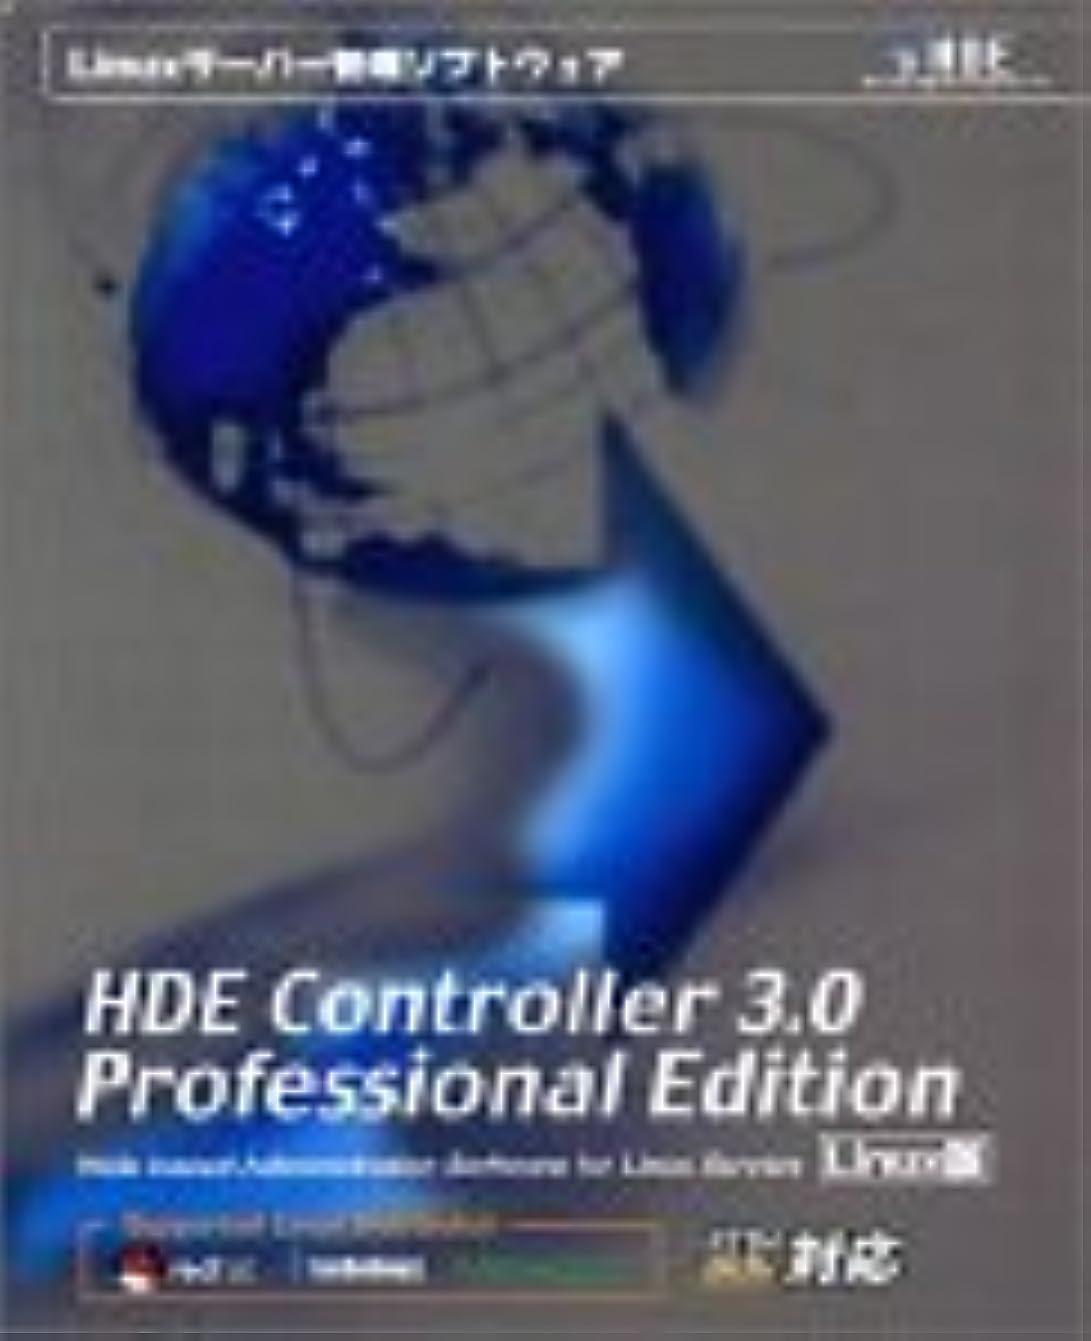 遅らせる購入経験者HDE Controller 3.0 Professional Edition Linux版